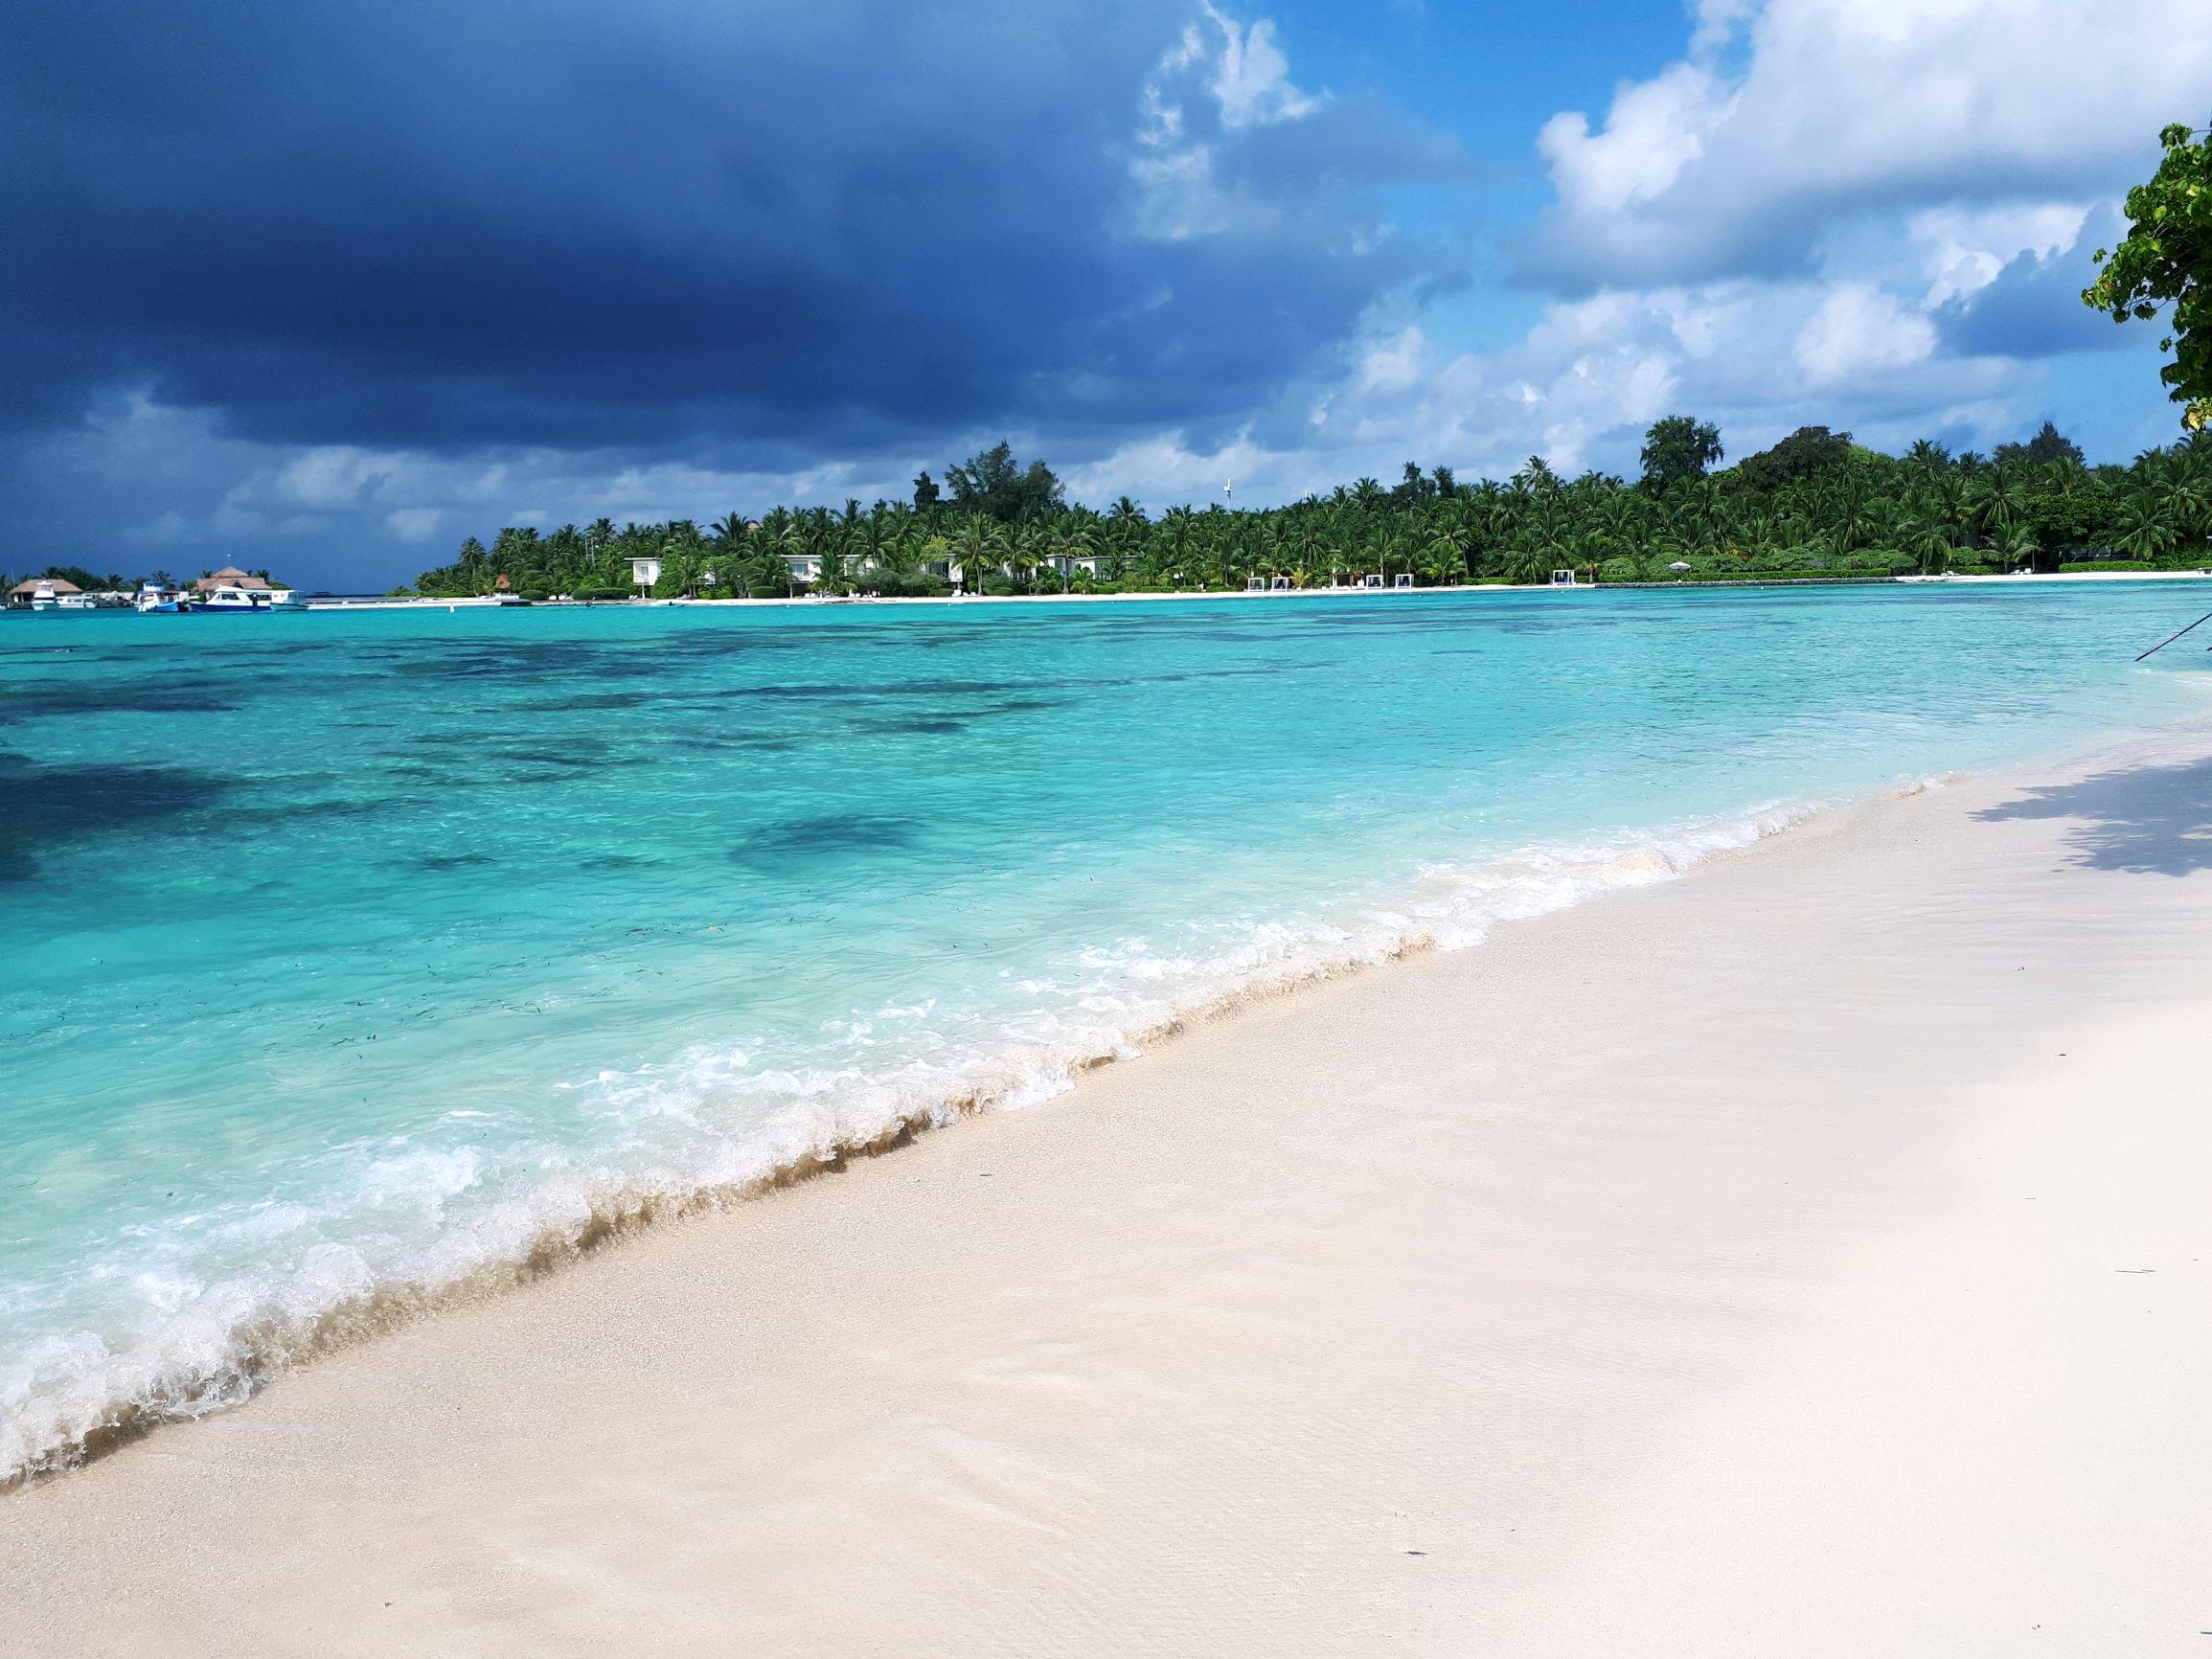 maldiv_szigetek_elmenybeszamolo_djcszofia (1)